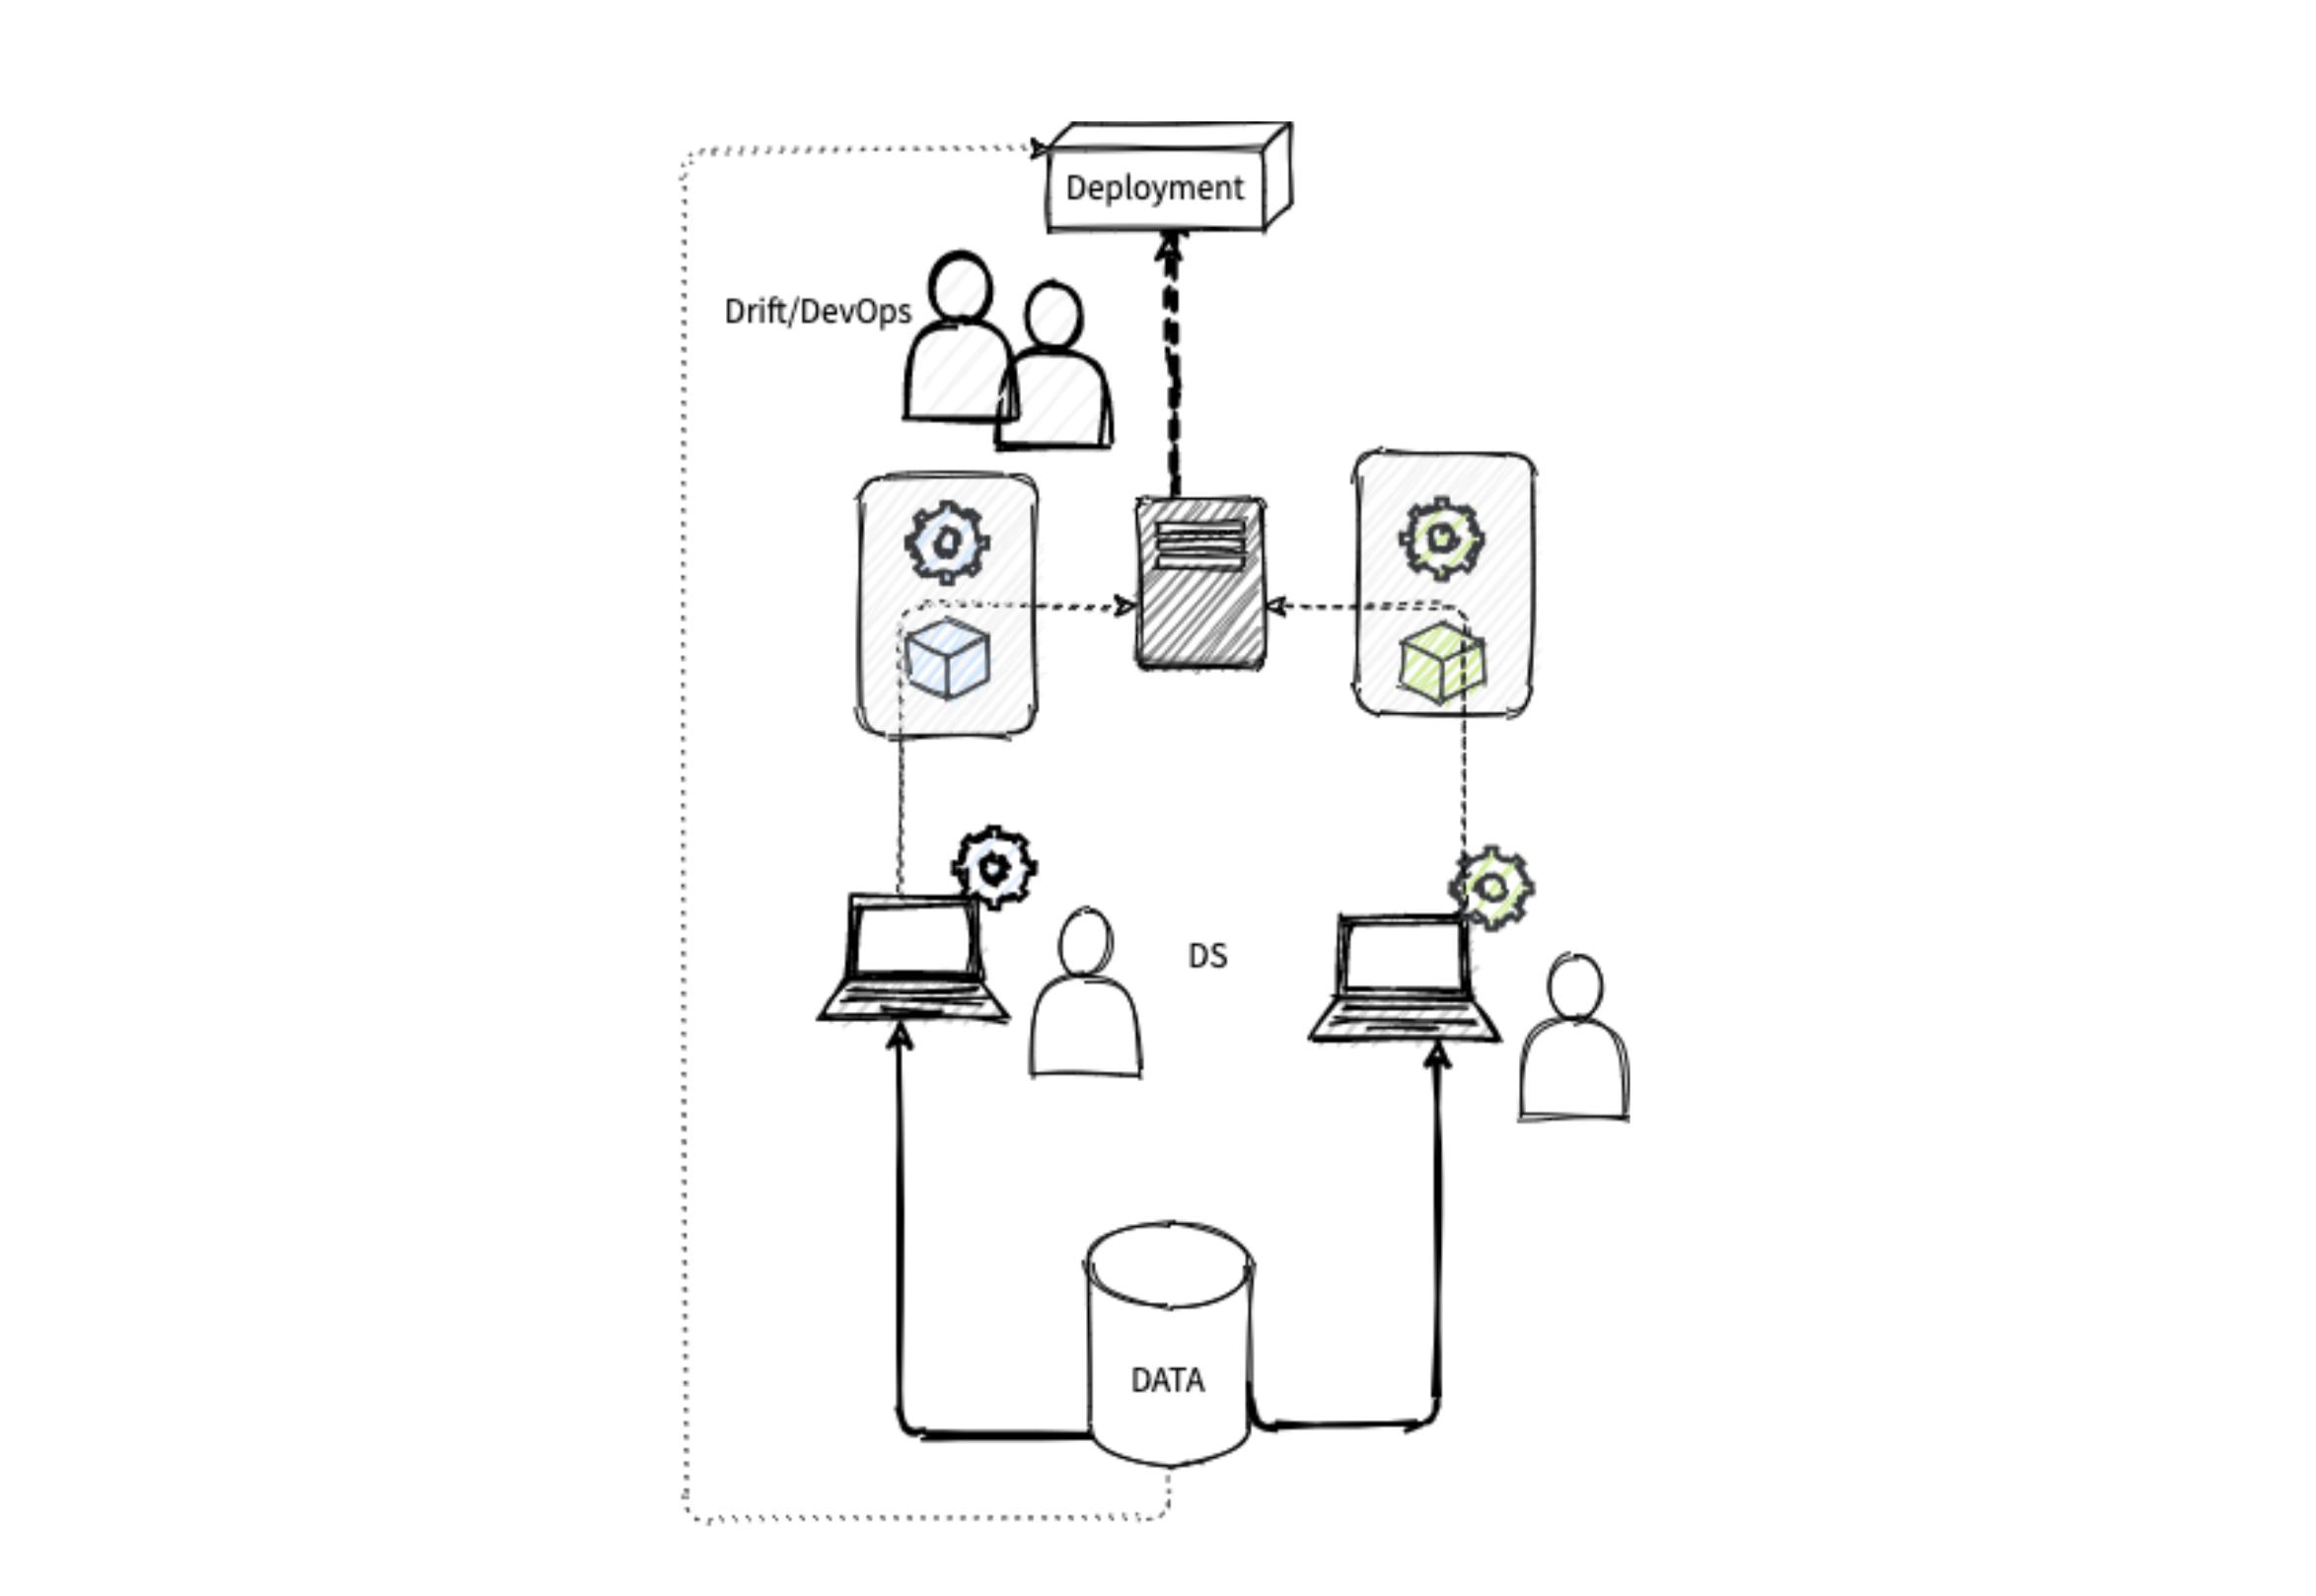 Modell som viser hvordan Data scientister henter data ad hoc, setter opp datapipeline og trener en modell lokalt.